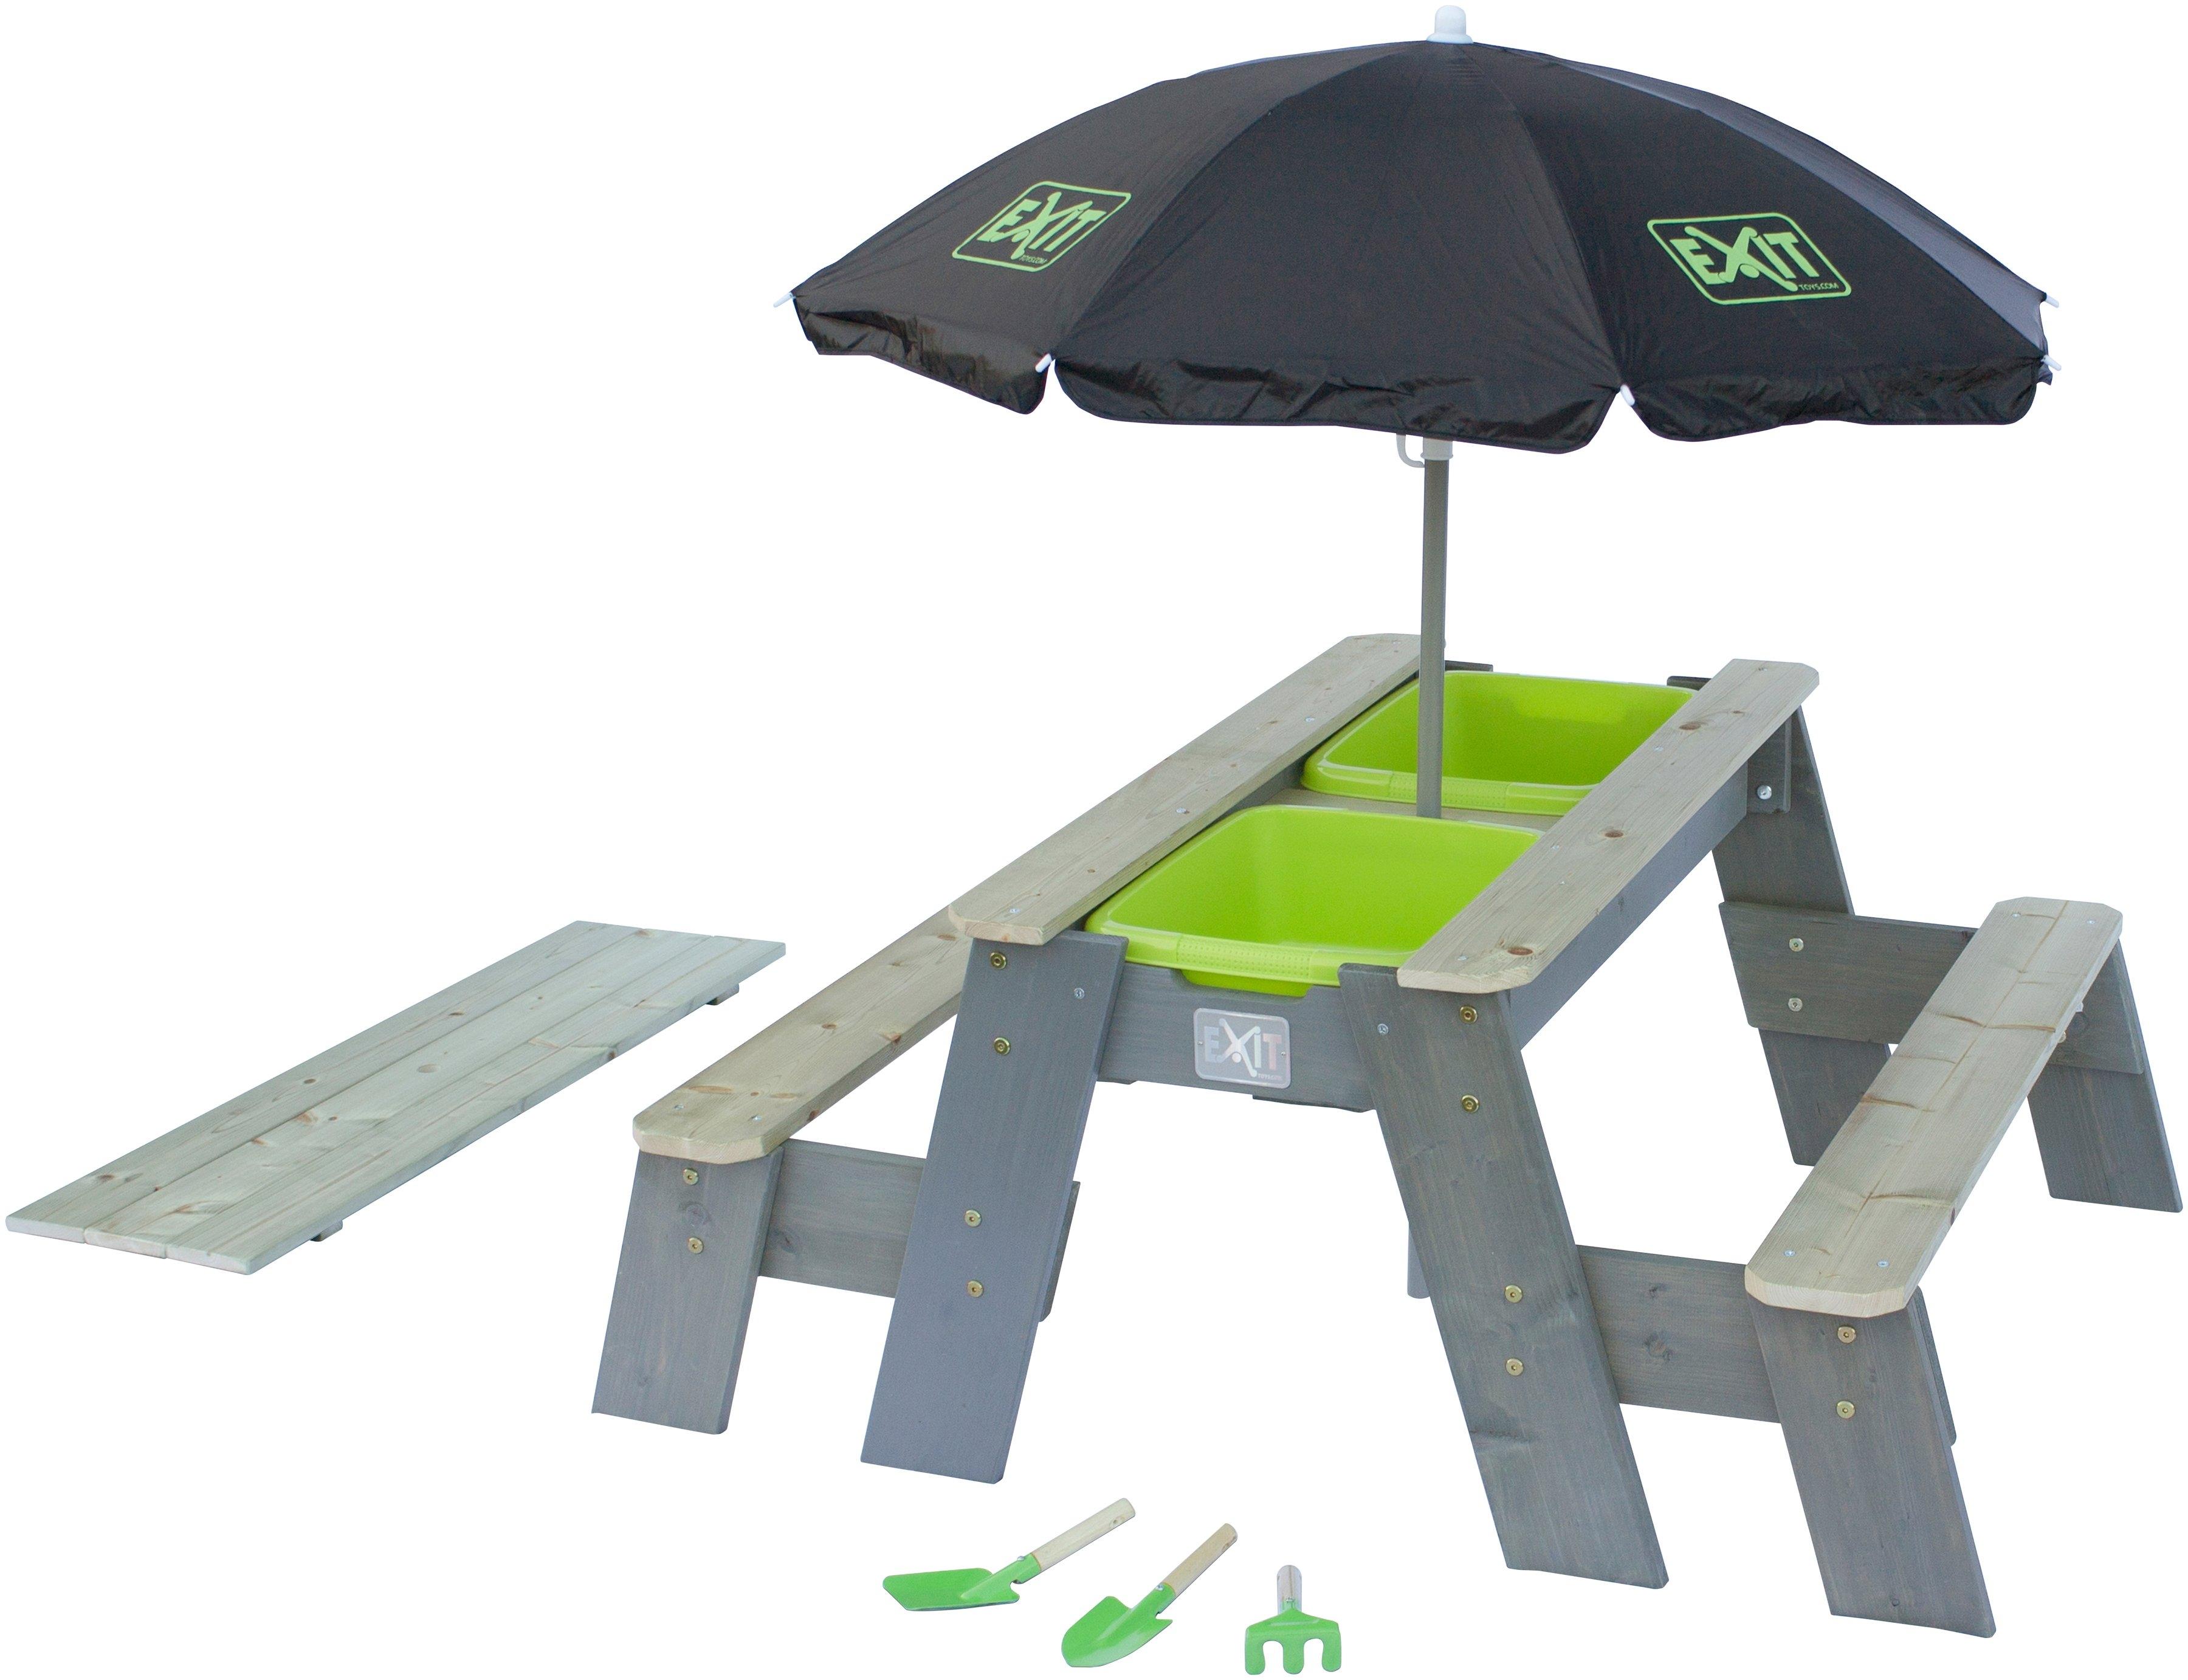 Exit Kinderpicknicktafel »Aksent Deluxe«, Bxd: 94x120 cm, met 2 zitoppervlakken goedkoop op otto.nl kopen